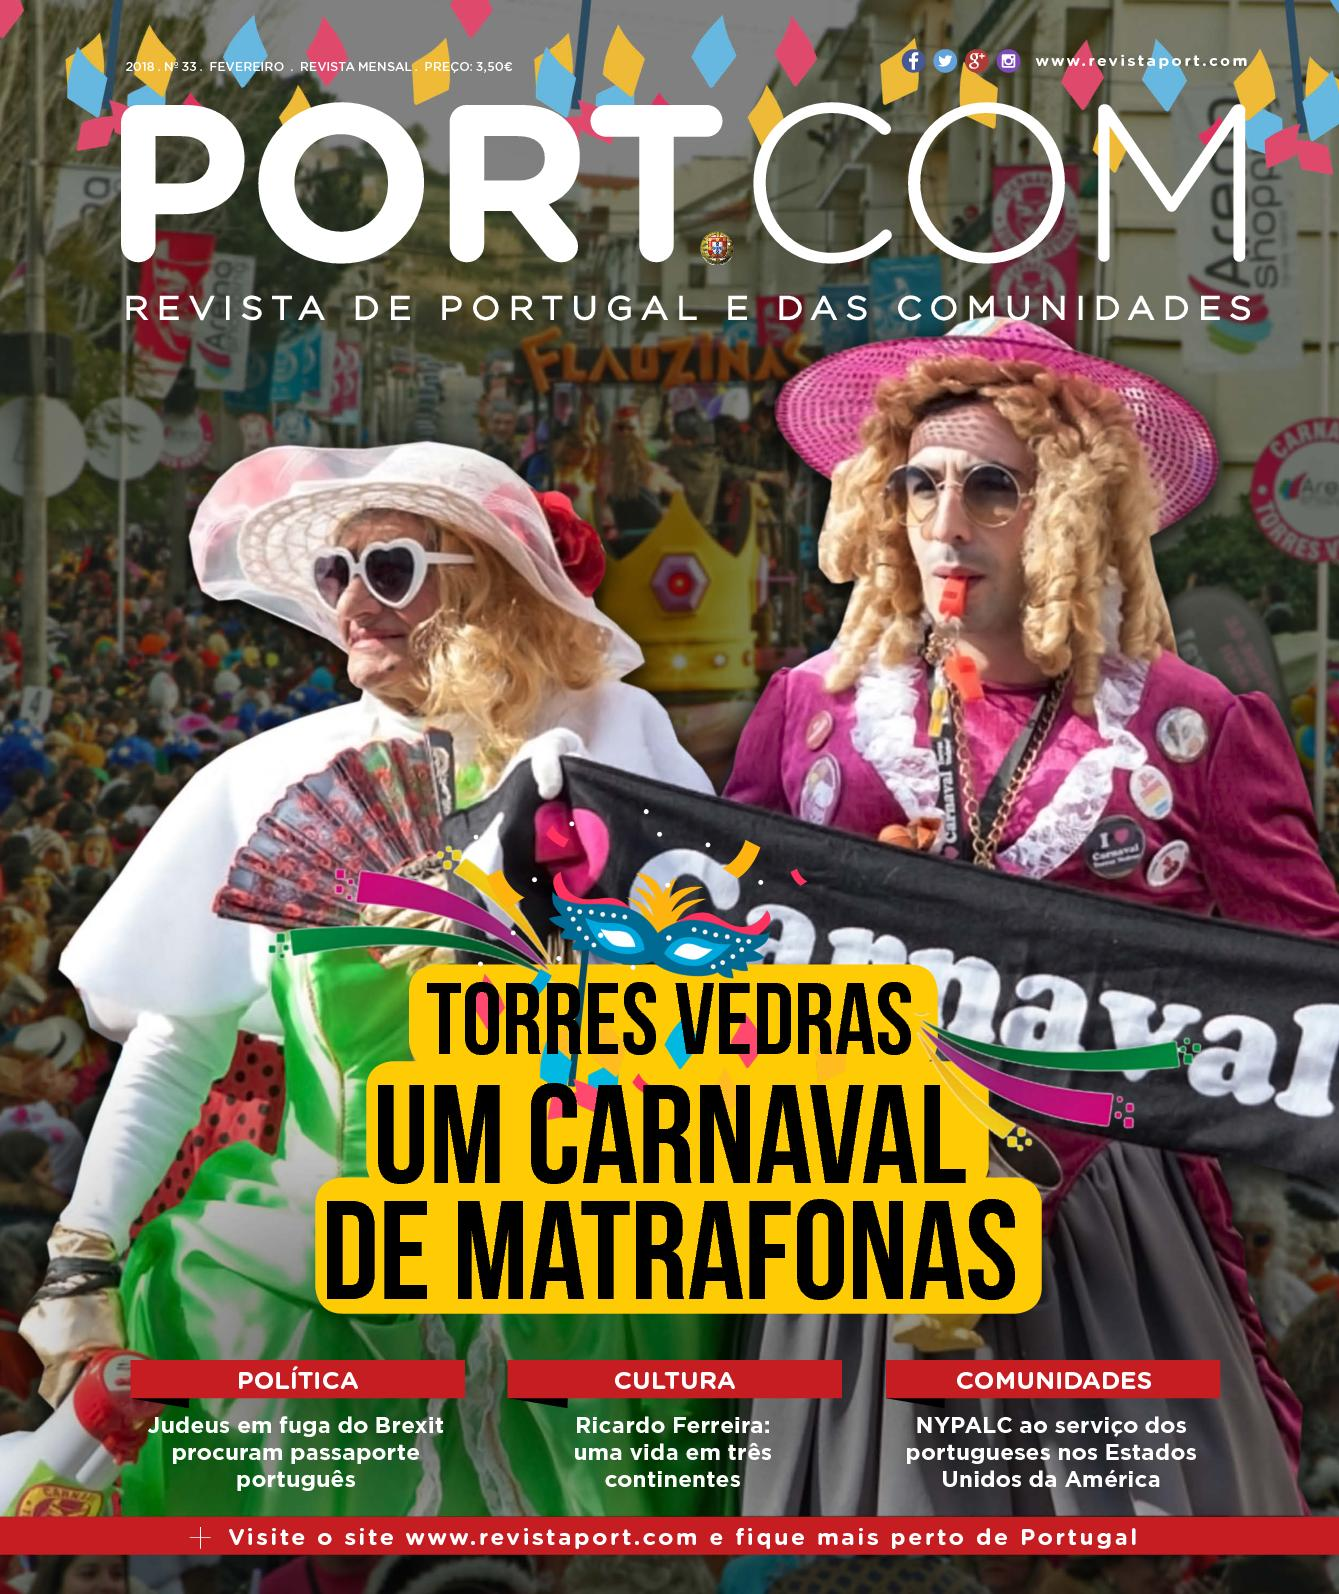 Calaméo - Portcom Fevereiro 2018 077f6c8b50